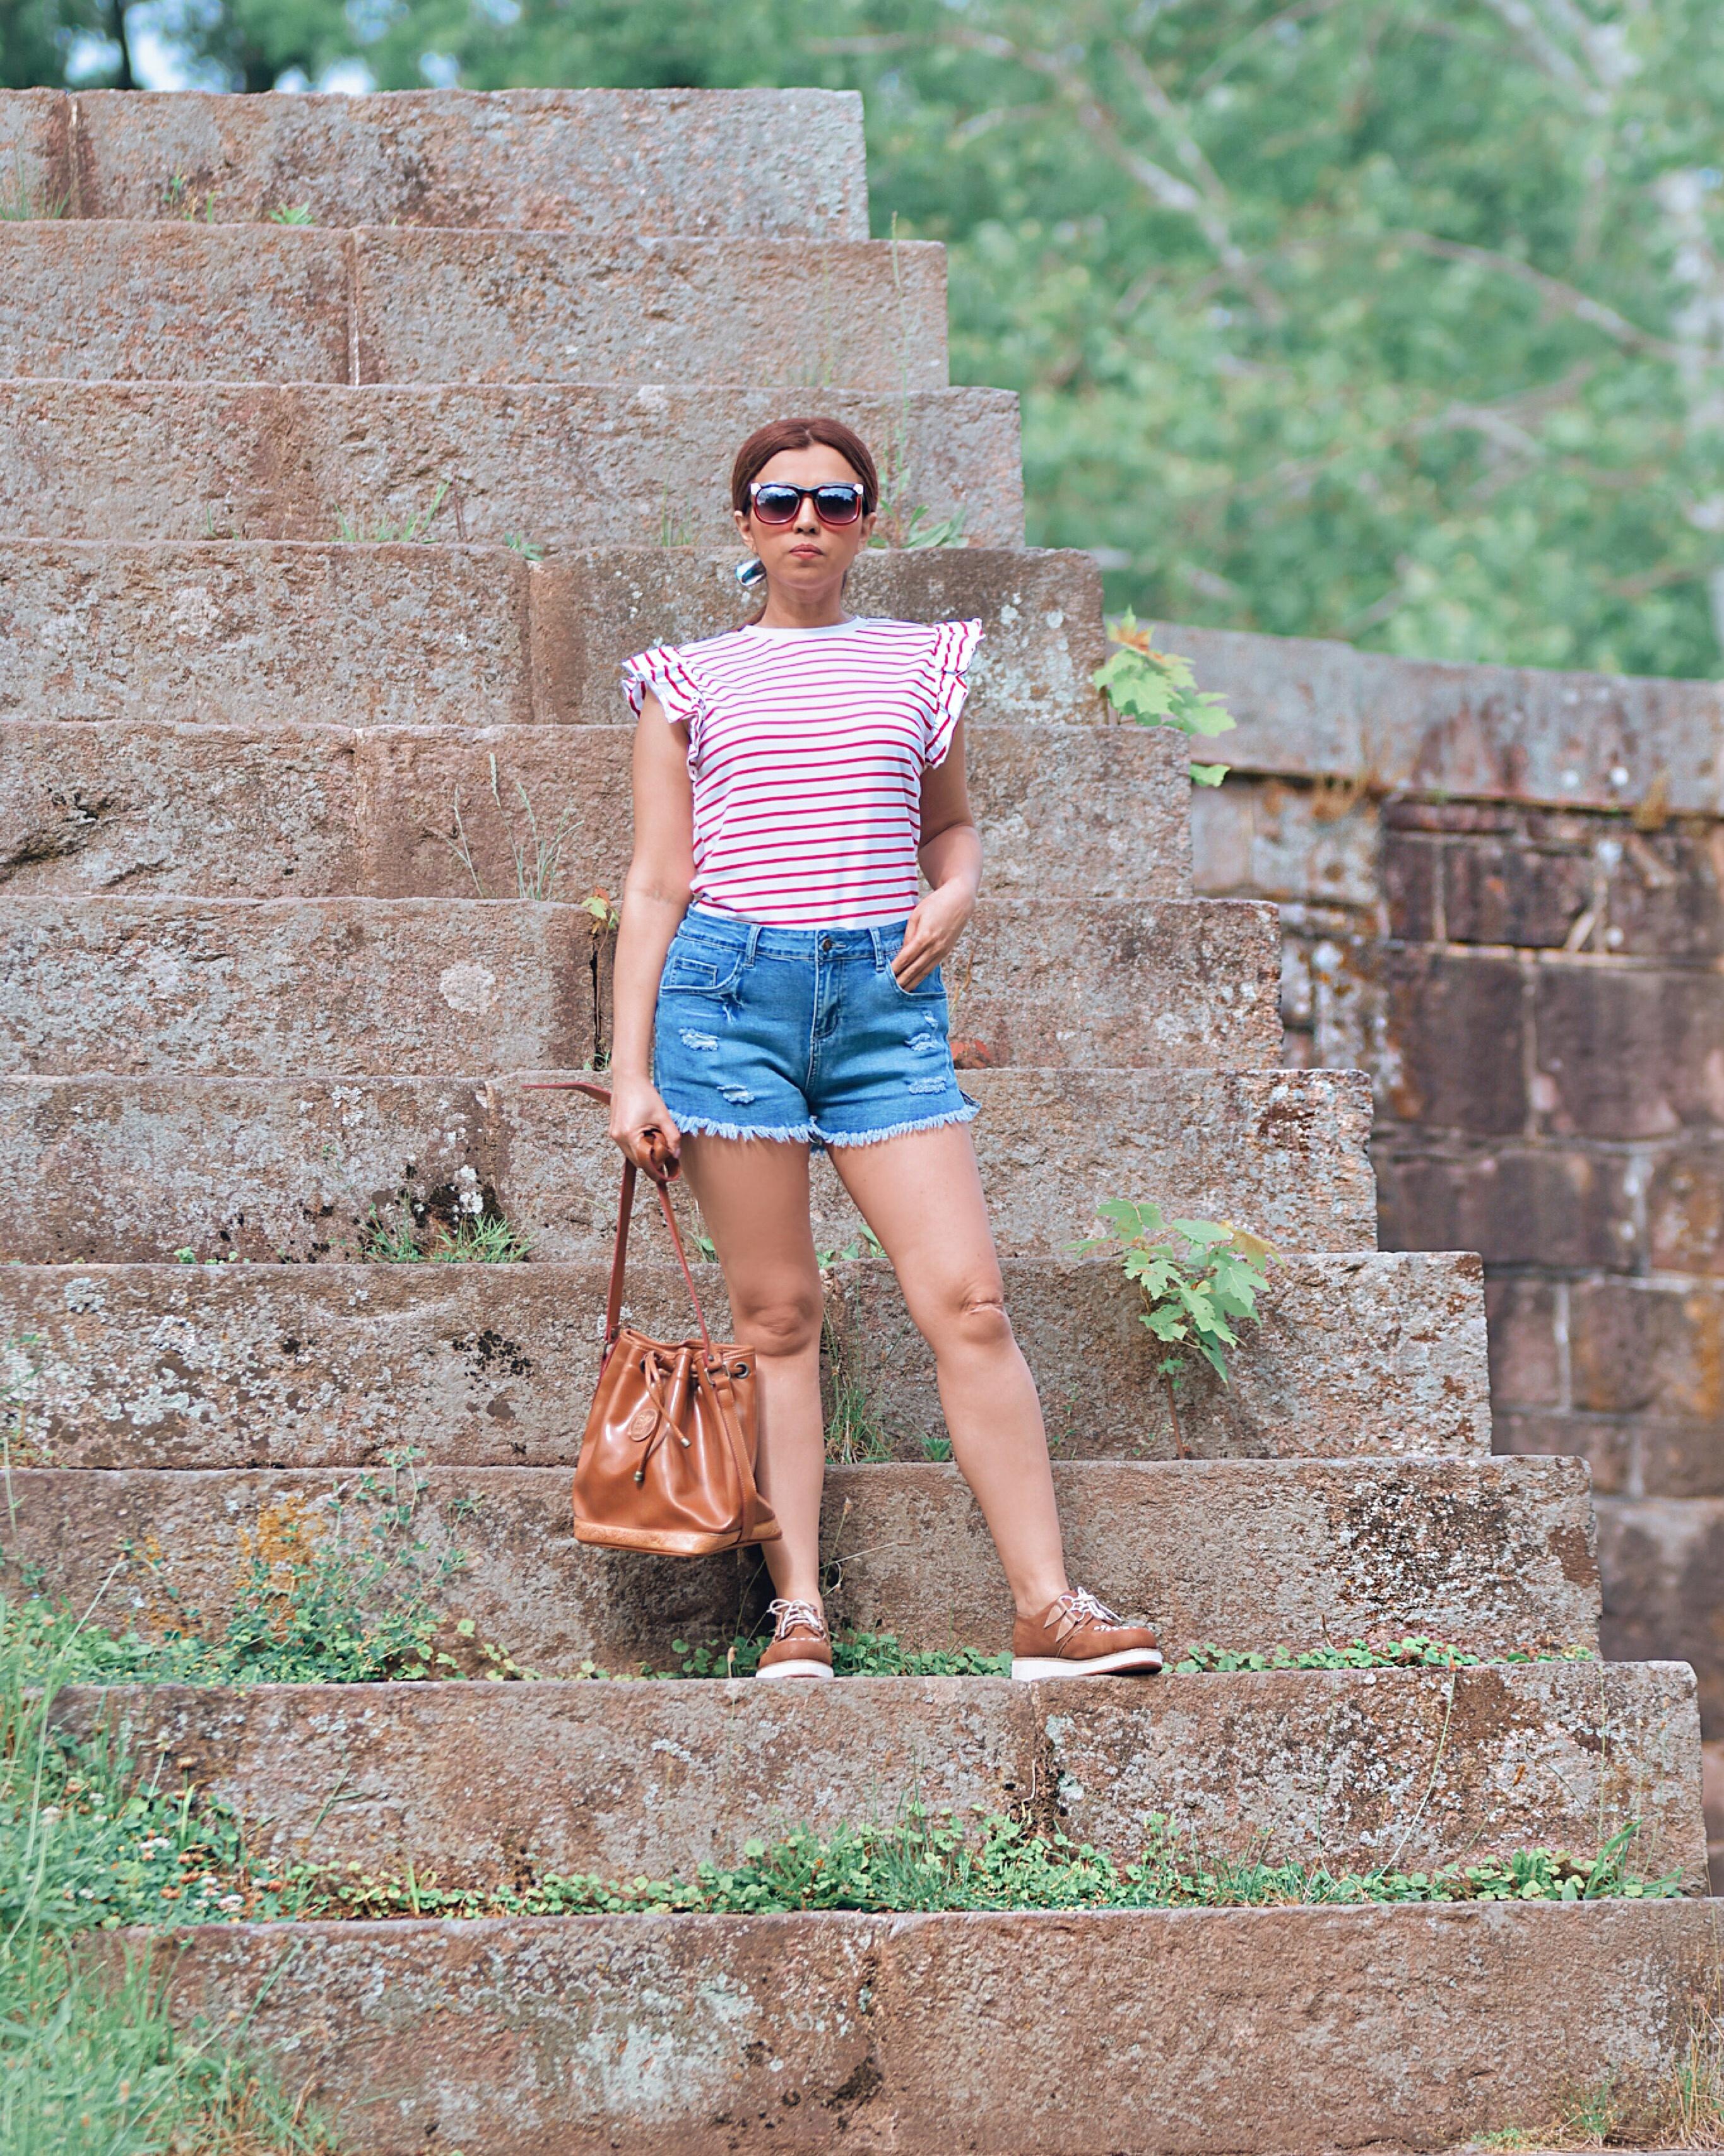 Un 4 de julio muy diferente-mariestilo-como crear outfits desde cero-outfit para el 4 de julio-4 of july weekend-4 of july outfit-fashion blogger-streetwear-travel-places to go-